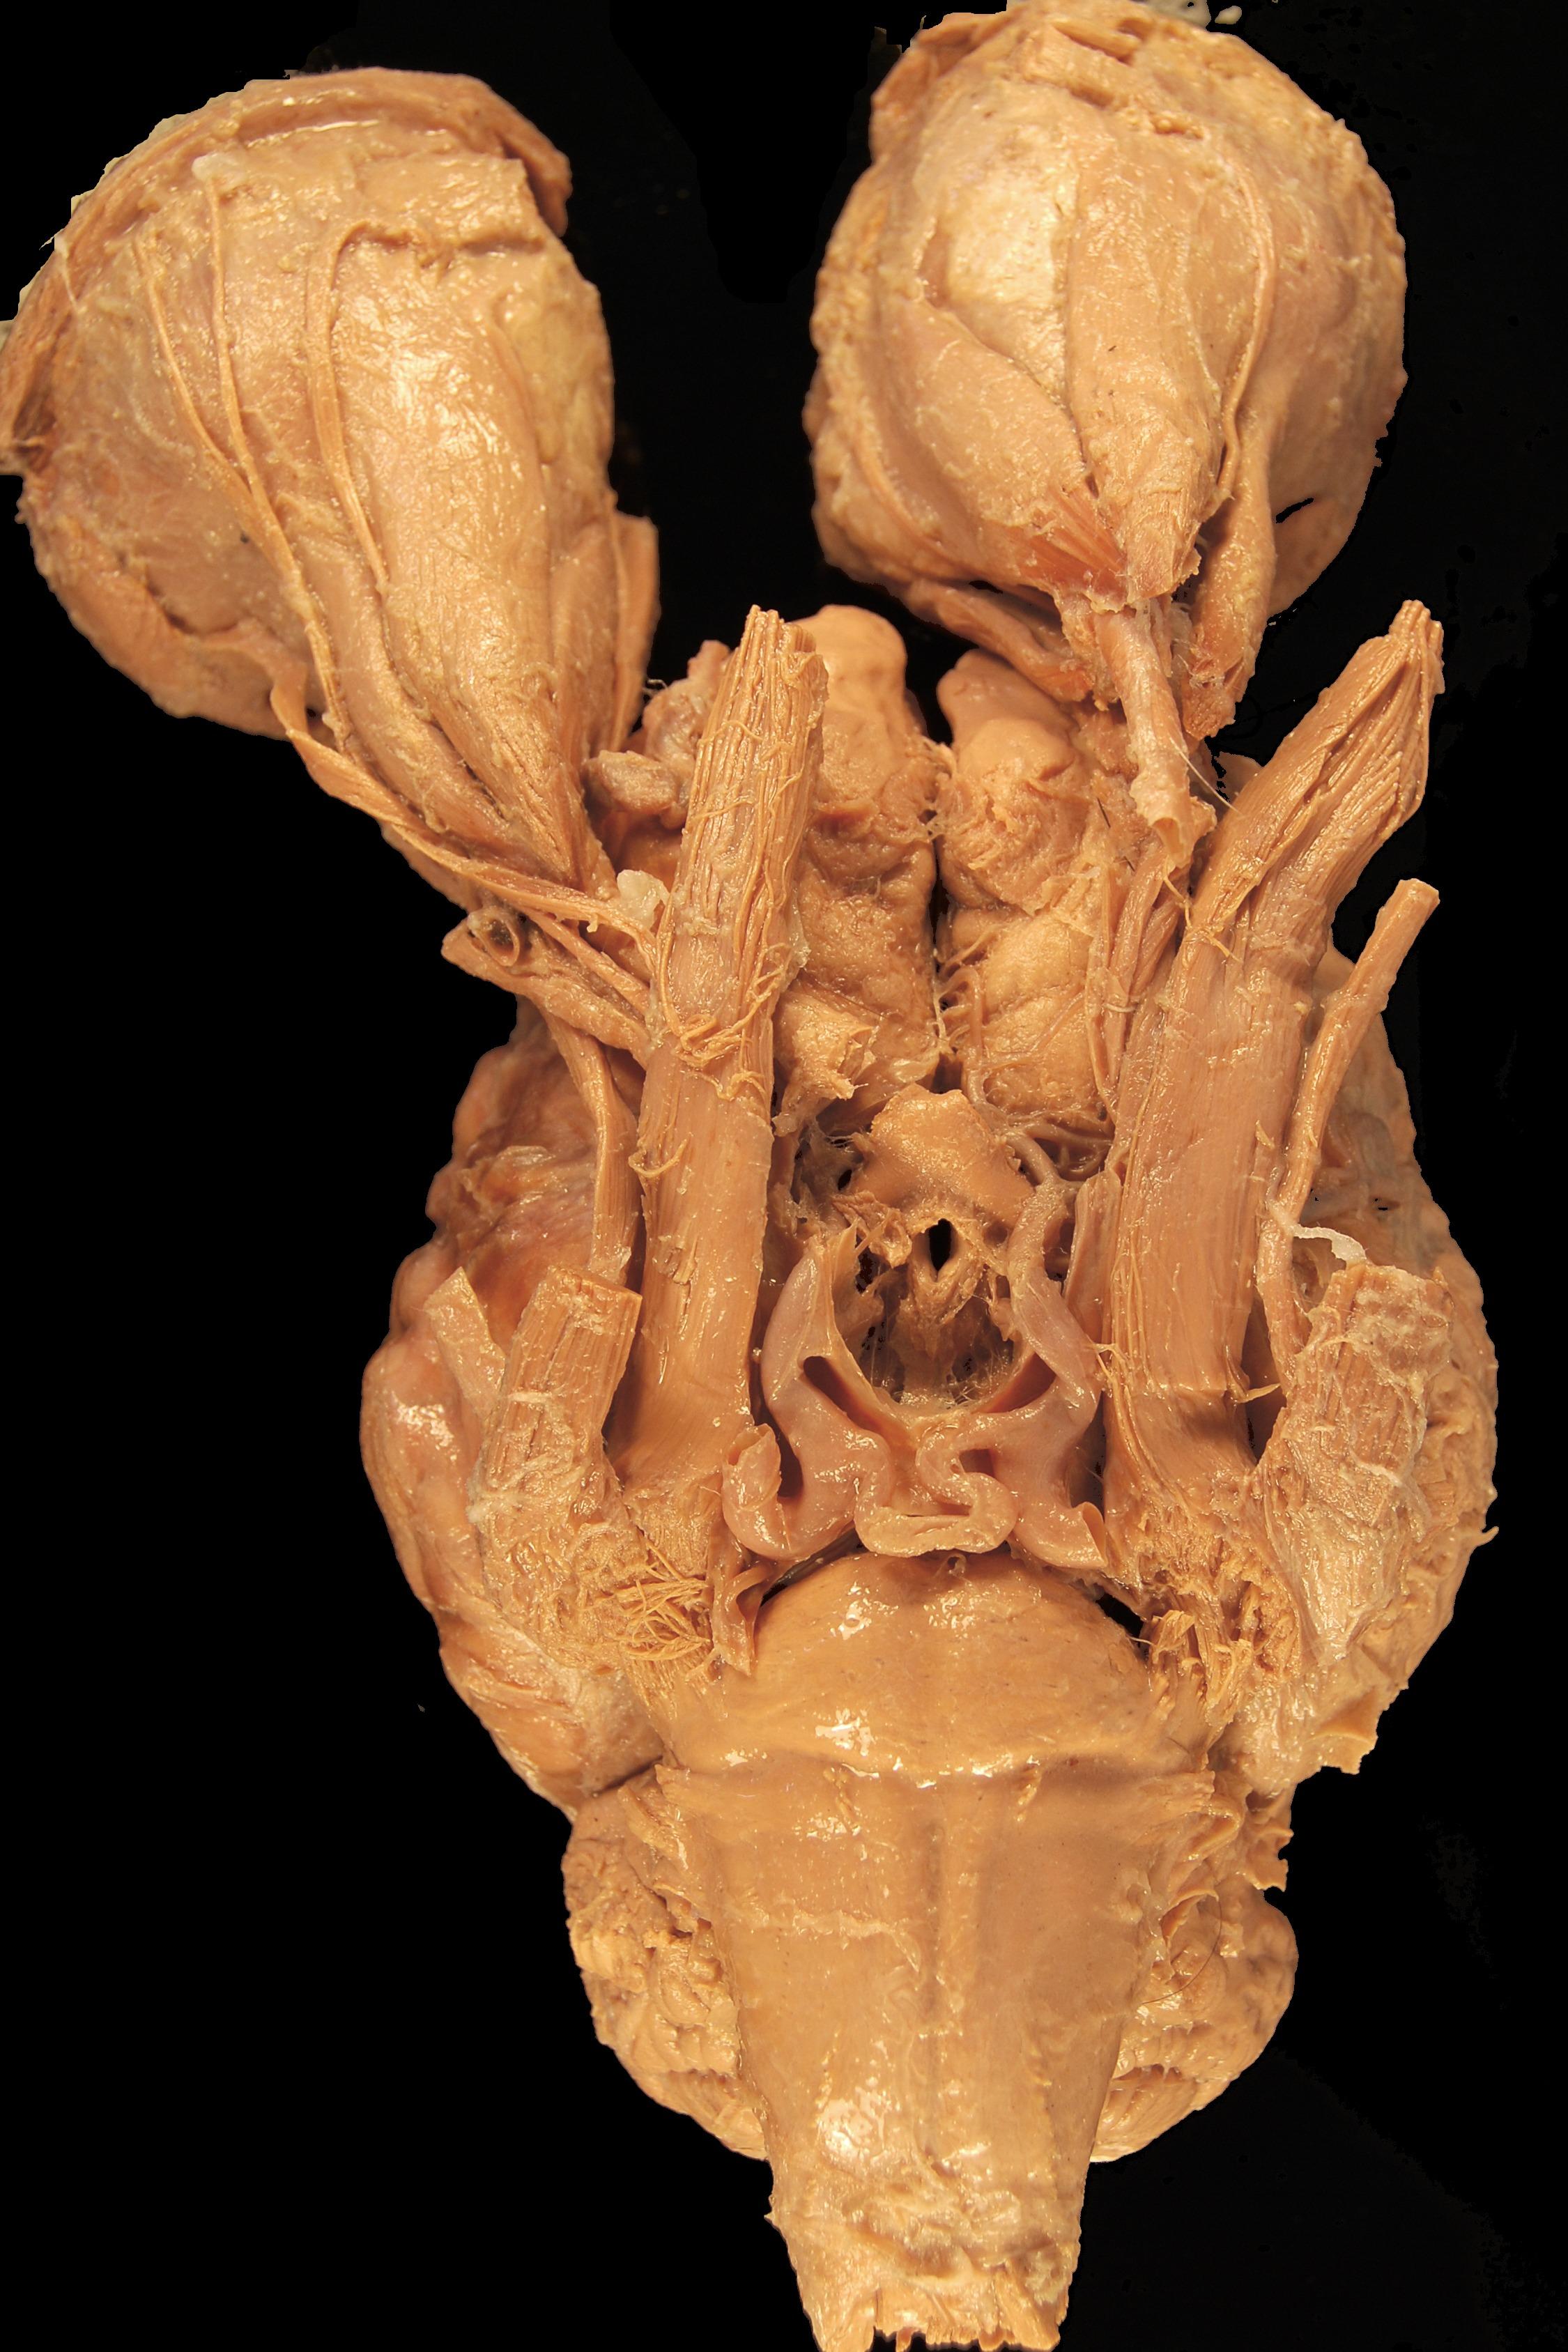 Fotos gratis : biología, caballo, cráneo, cuerpo humano, escultura ...